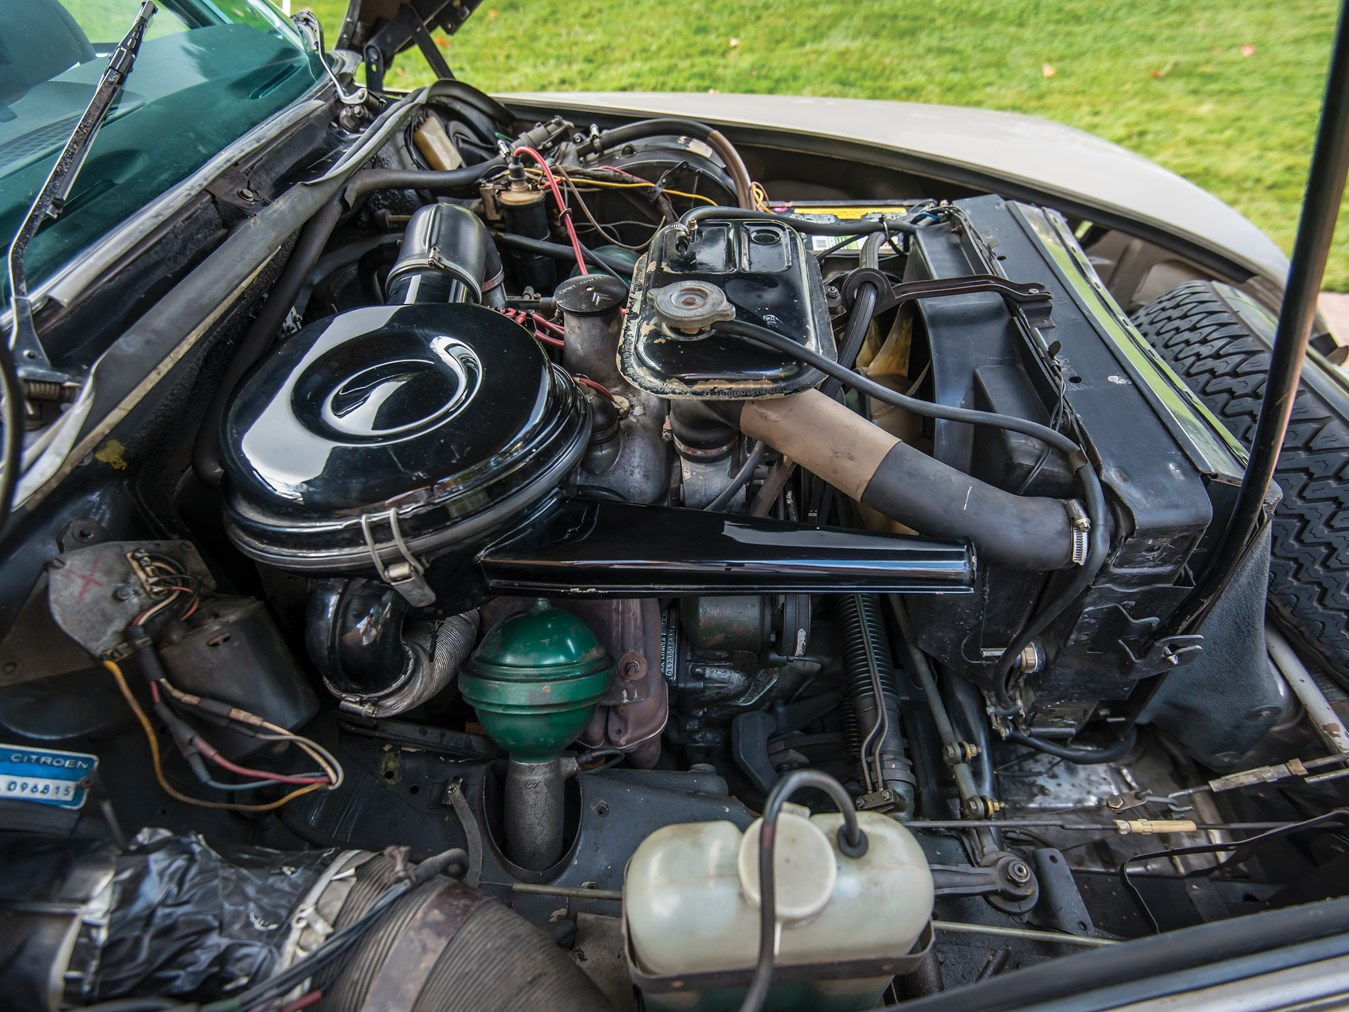 1973 Citroën DS 23 Pallas engine